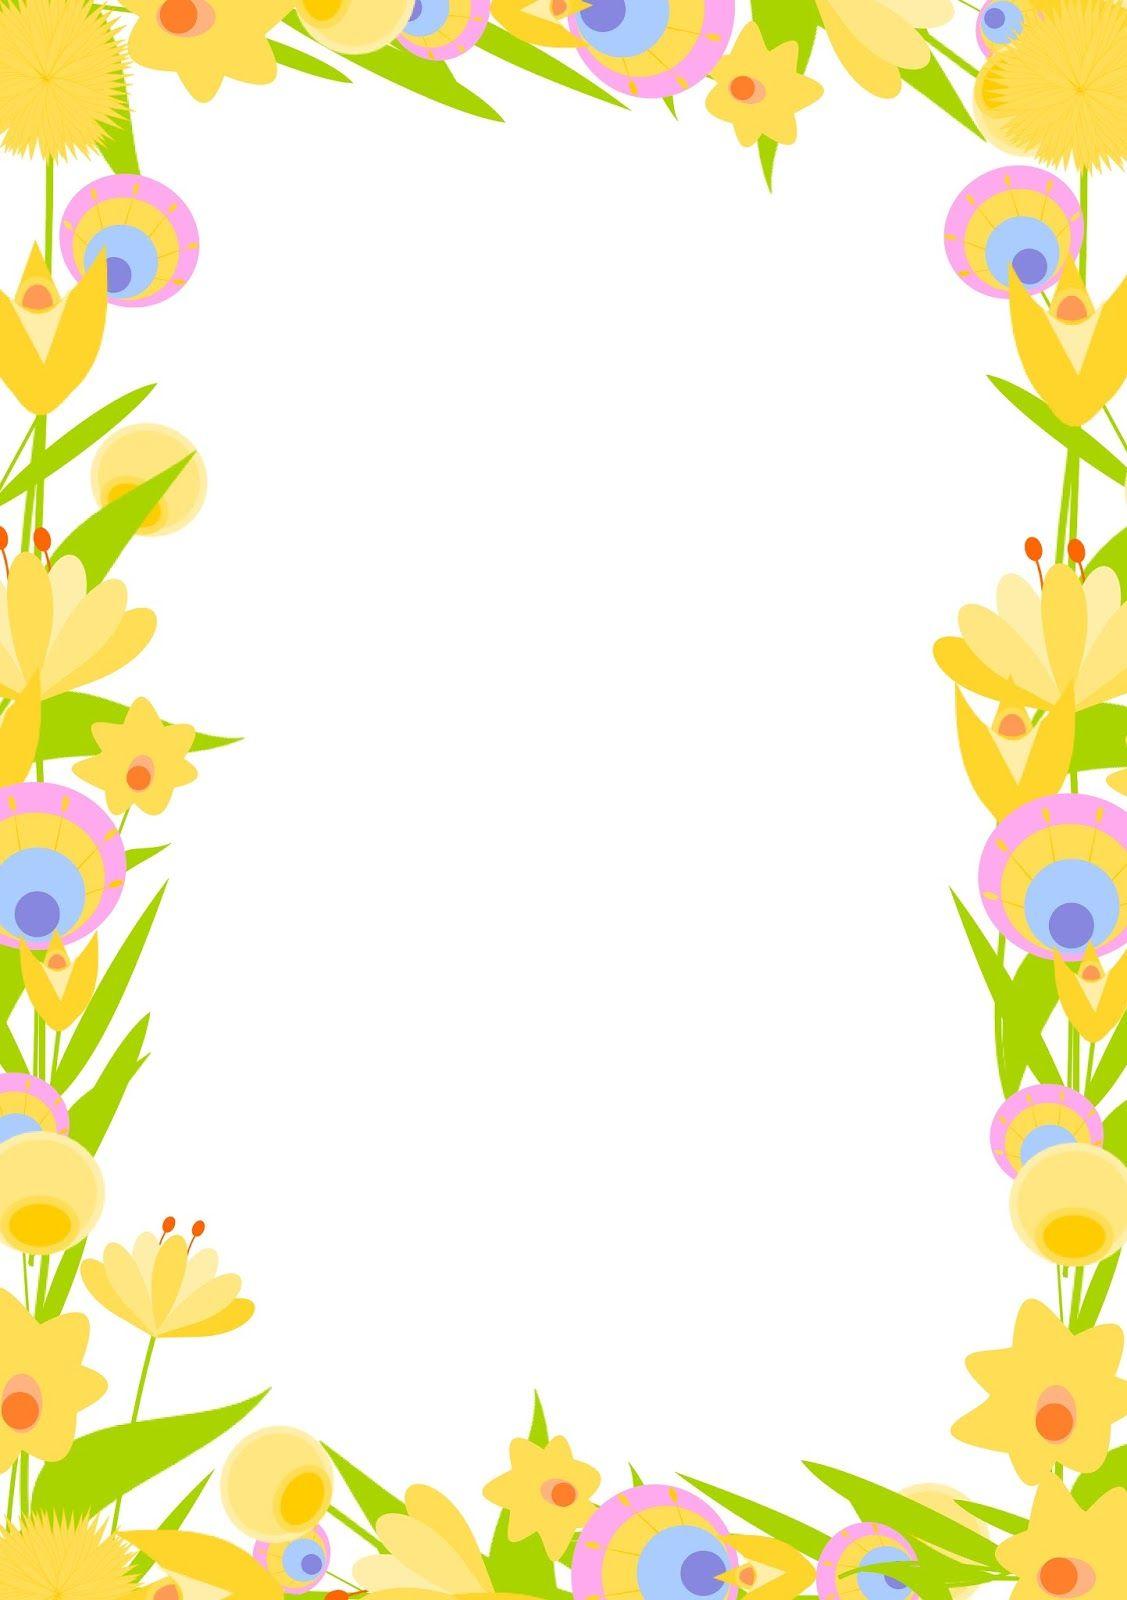 Free digital floral frame png and DIY stationery - Blumenrahmen ...